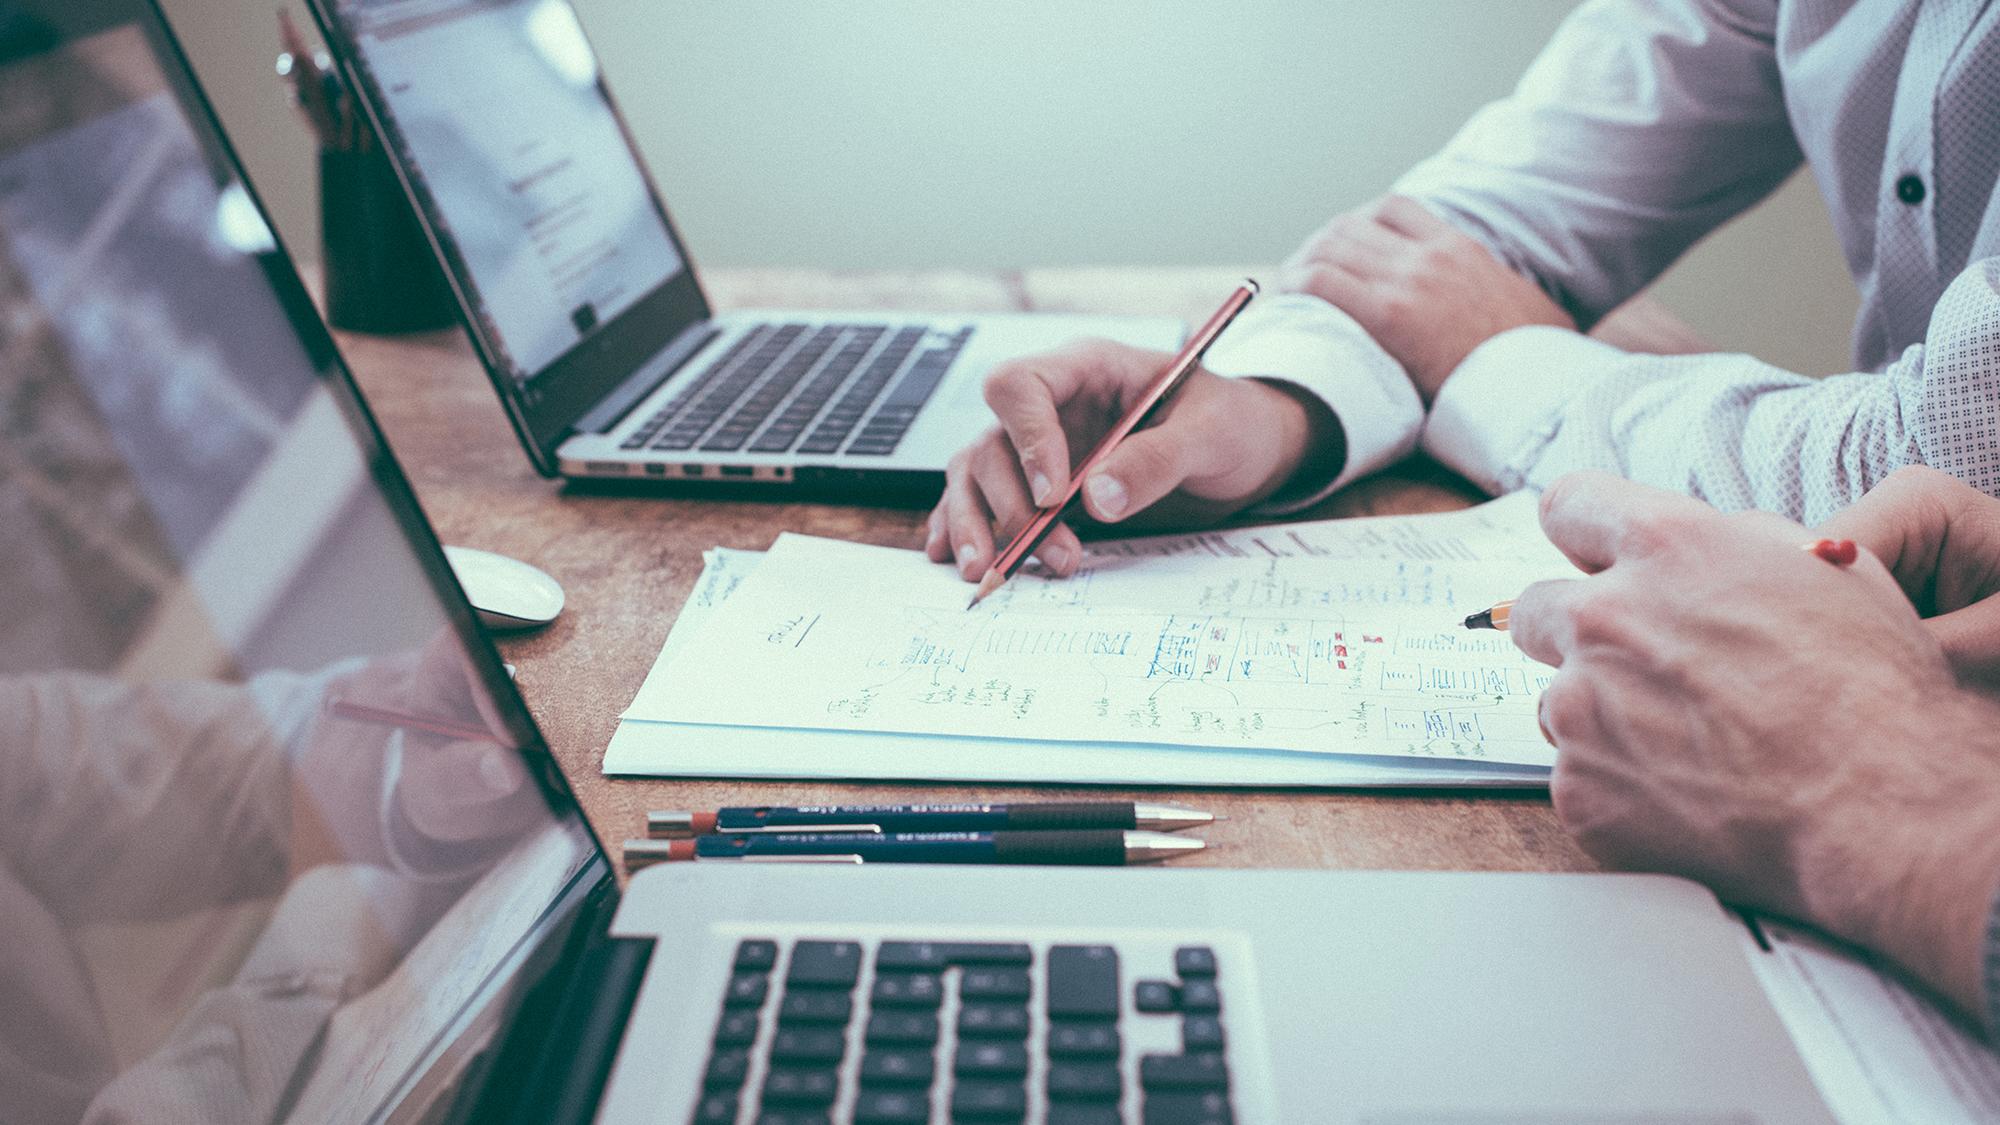 Vuoi trarre vantaggio dalla tua consulenza? Allora segui questi 5 consigli più uno!